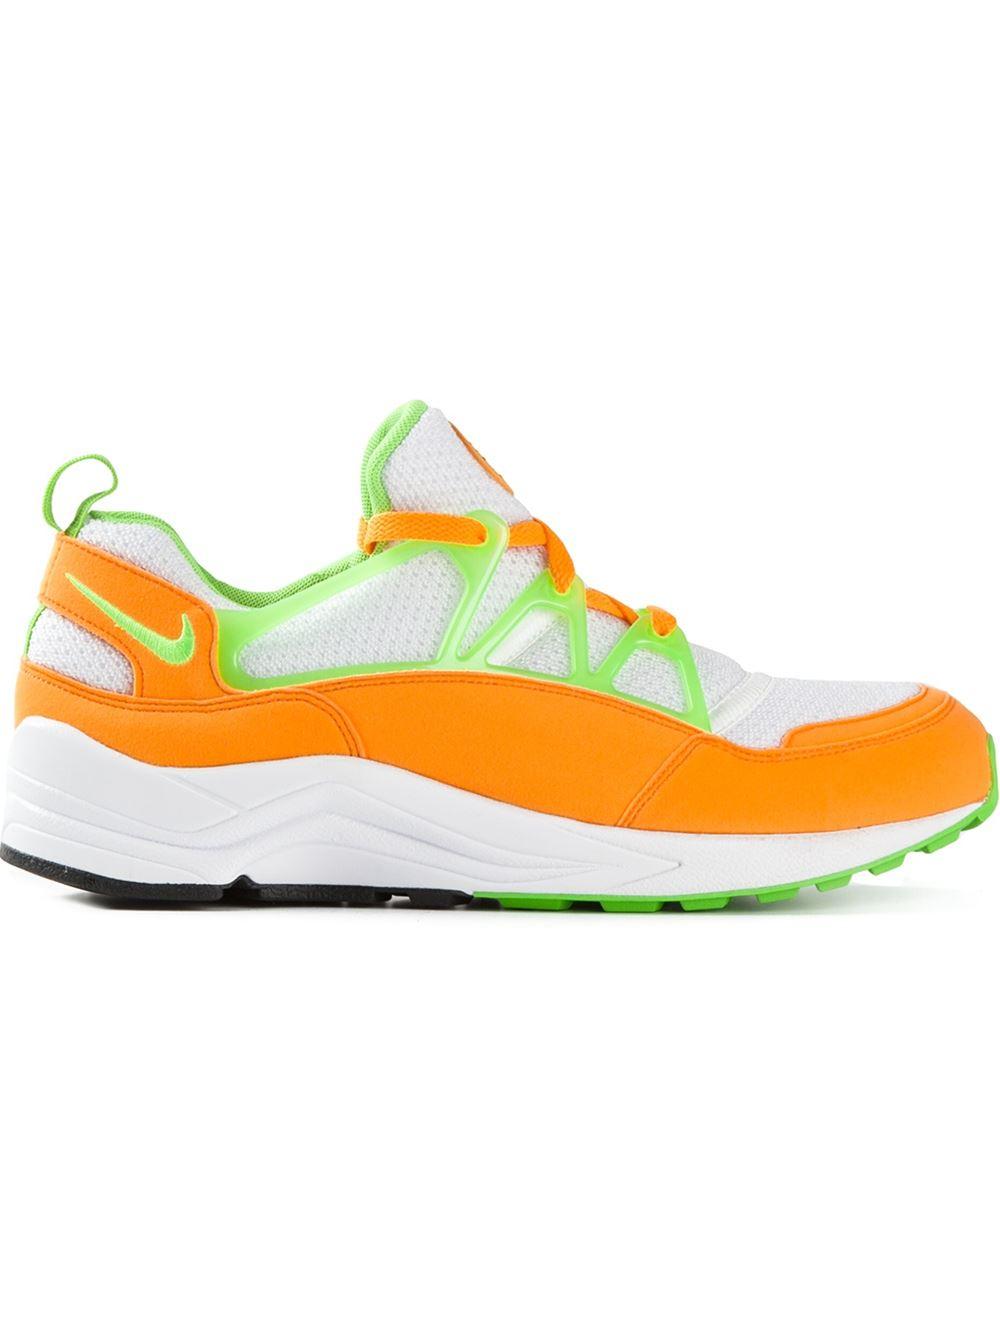 Huarache Mens Shoes Macy